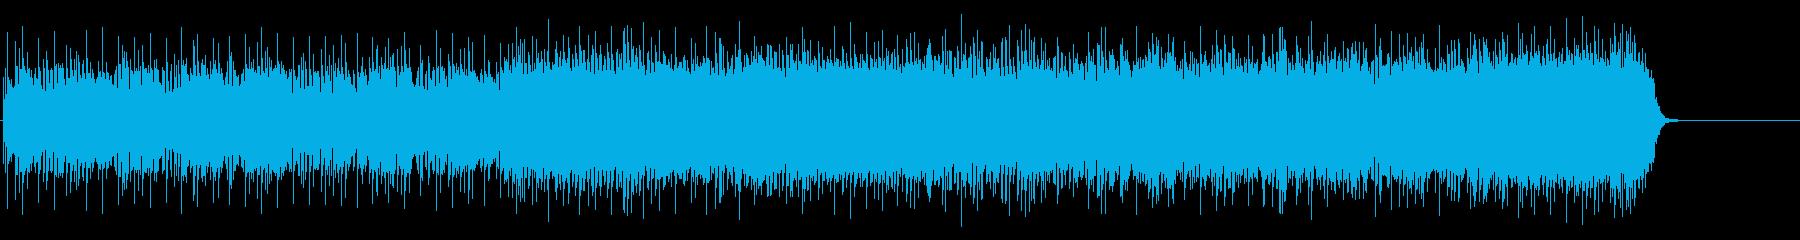 情熱が伝わる歌謡曲風ポップ・ロックの再生済みの波形